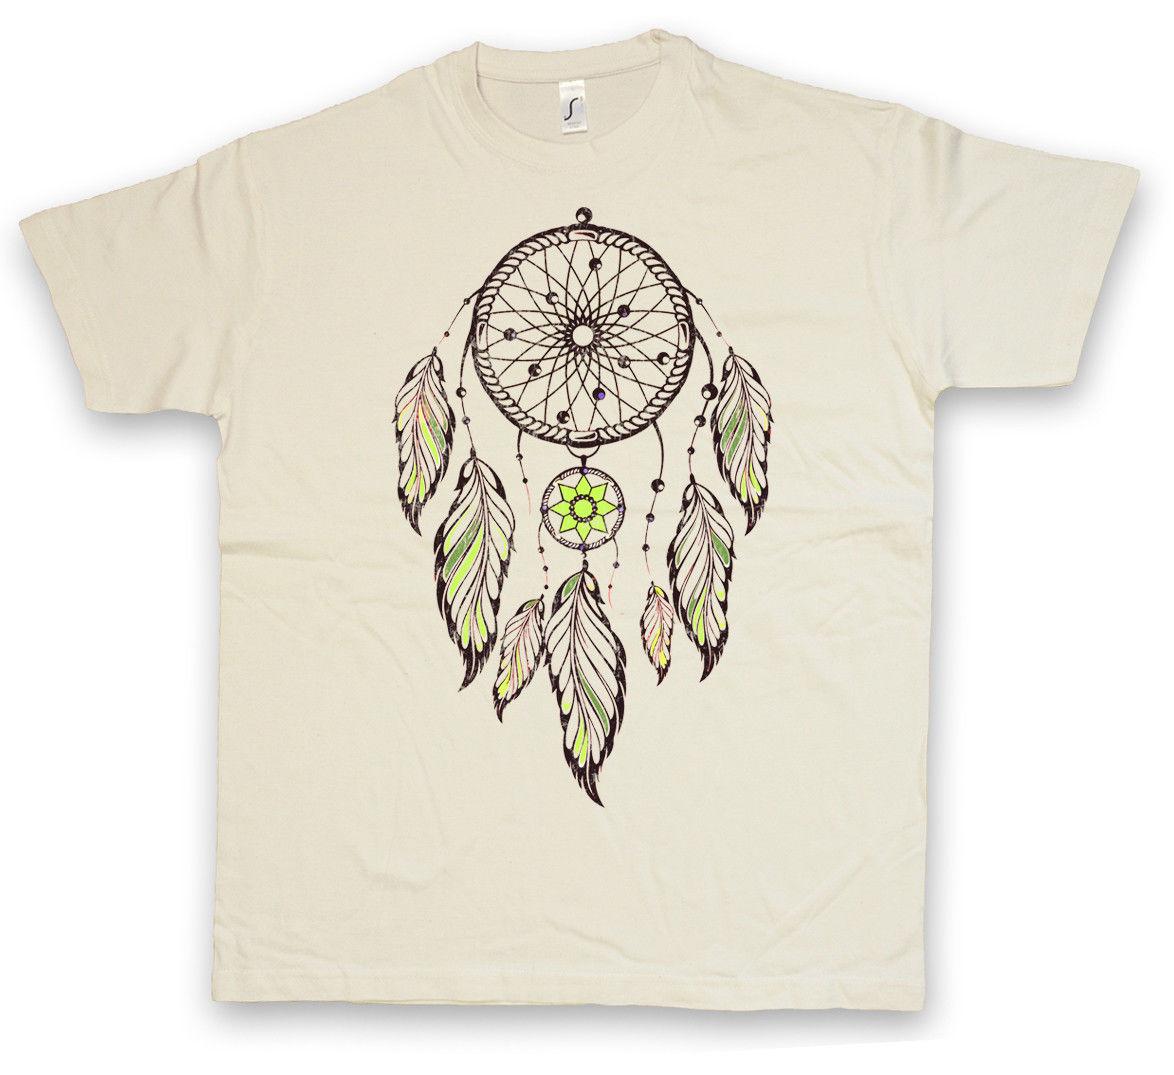 DREAMCATCHER III T-SHIRT - Apache dream catcher asabikeshiinh Native